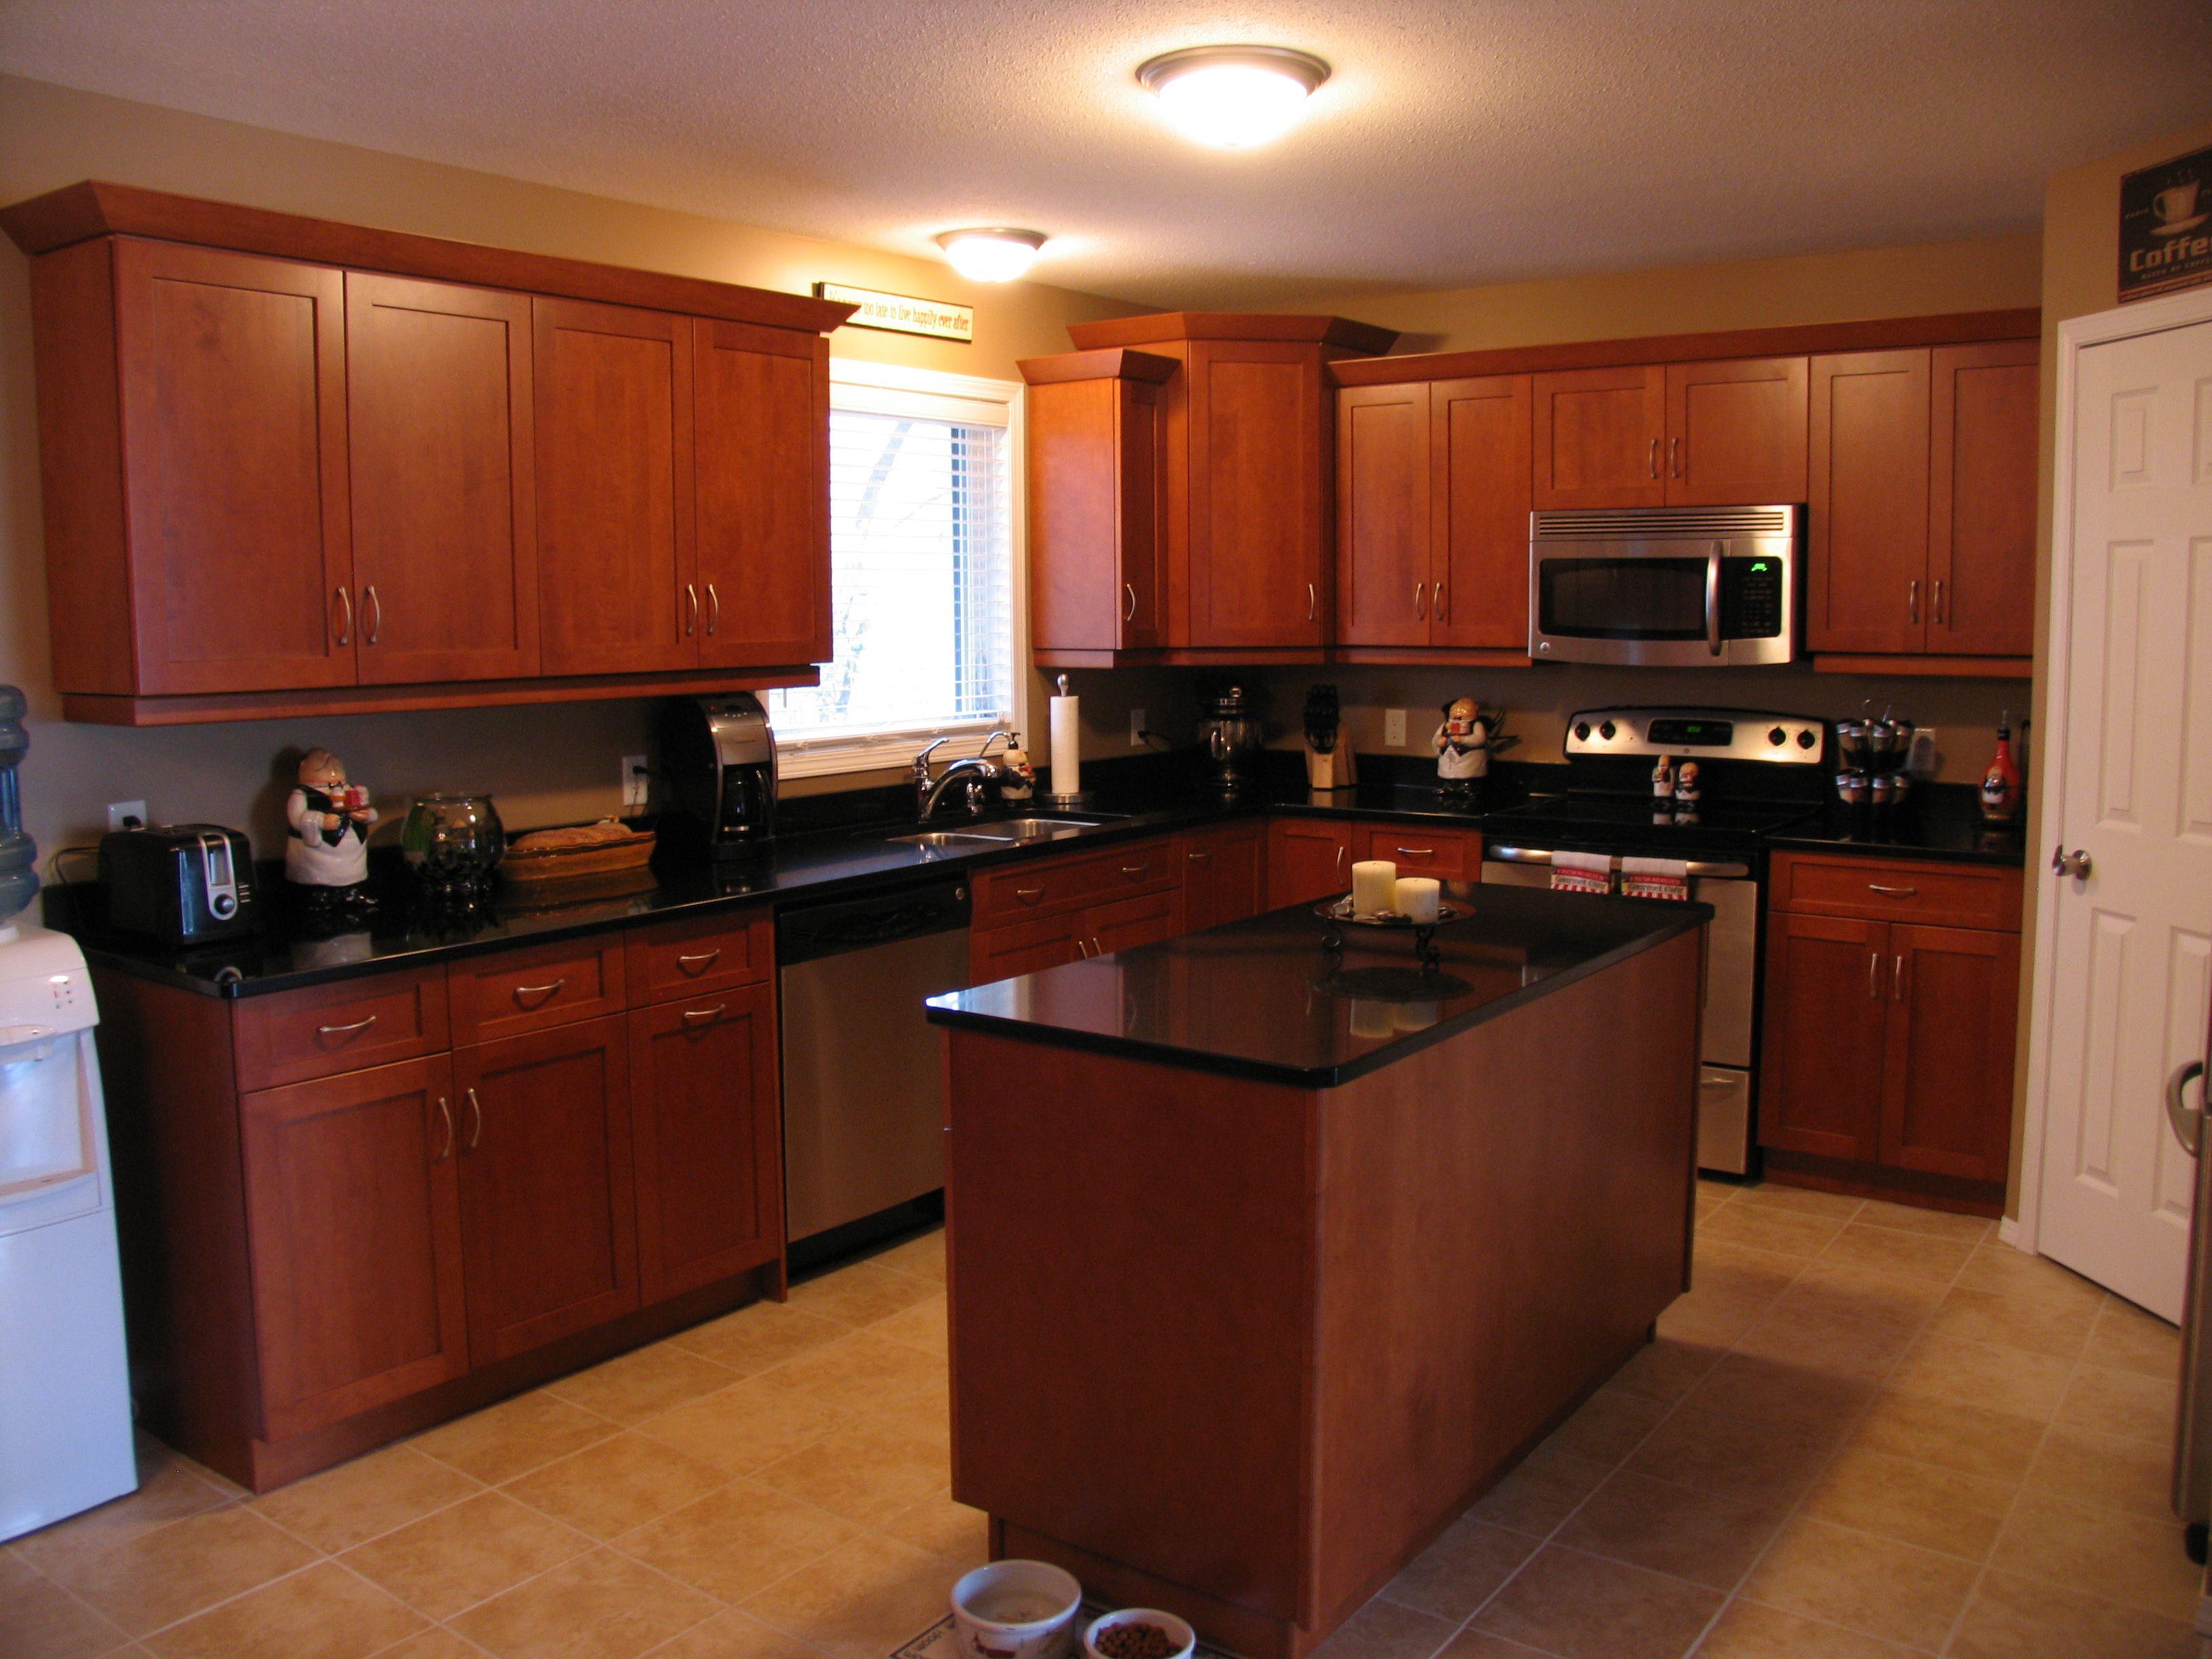 Cabinets: Maple - Honey Maple / Countertop: Cambria Quartz ... on Maple Cabinets With Black Countertops  id=13104